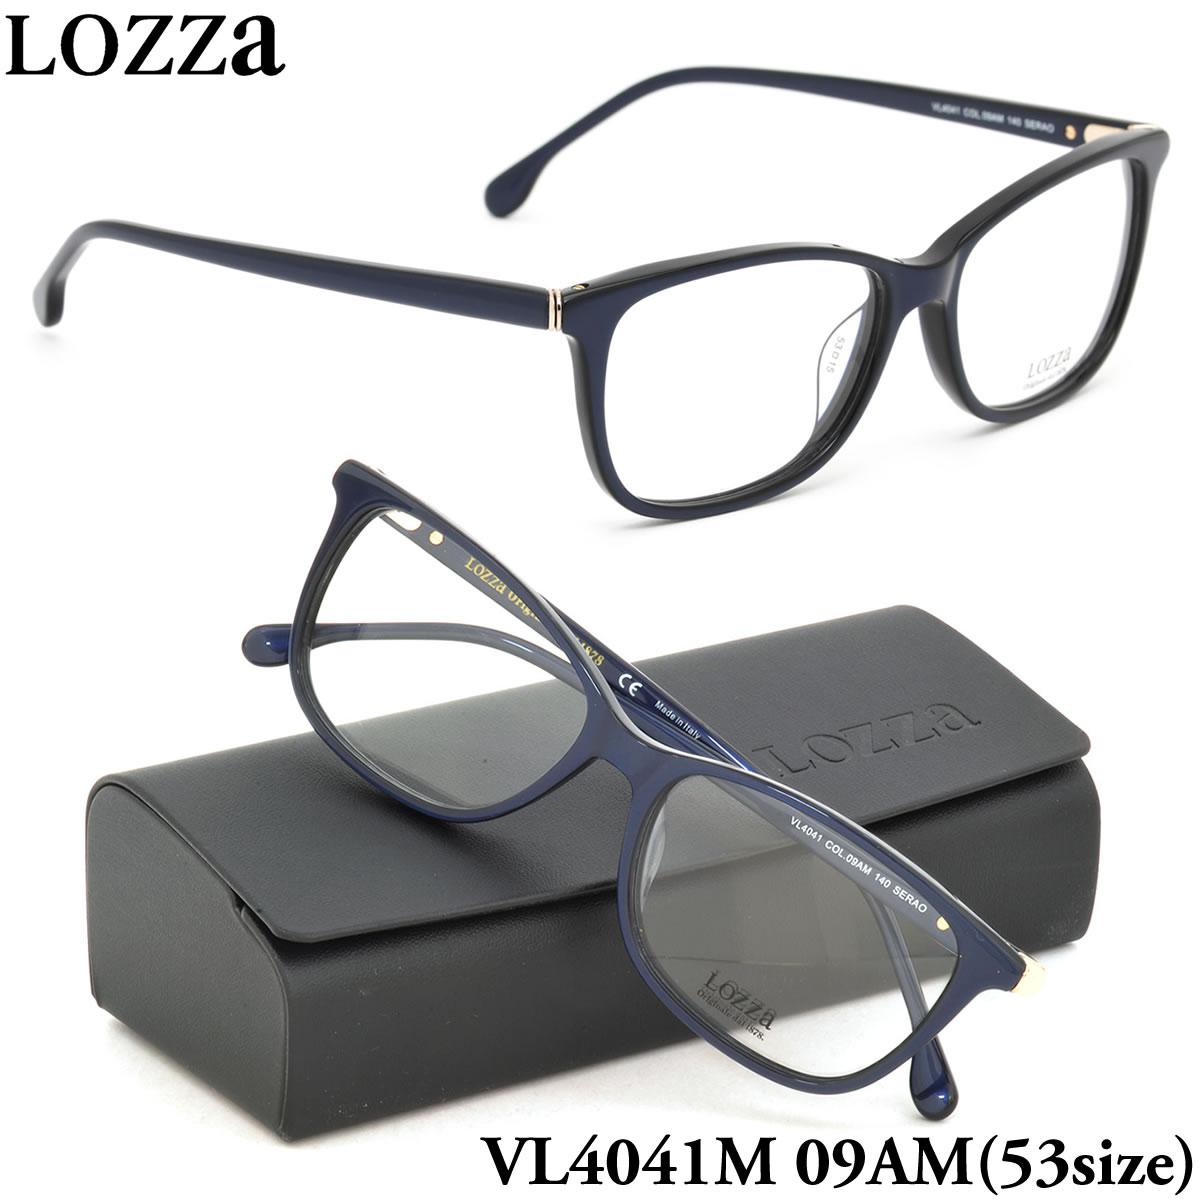 【10月30日からエントリーで全品ポイント20倍】【LOZZA】ロッツァ 眼鏡 メガネ フレーム VL4041M 09AM 53サイズ SERAO ボストン メンズ レディース